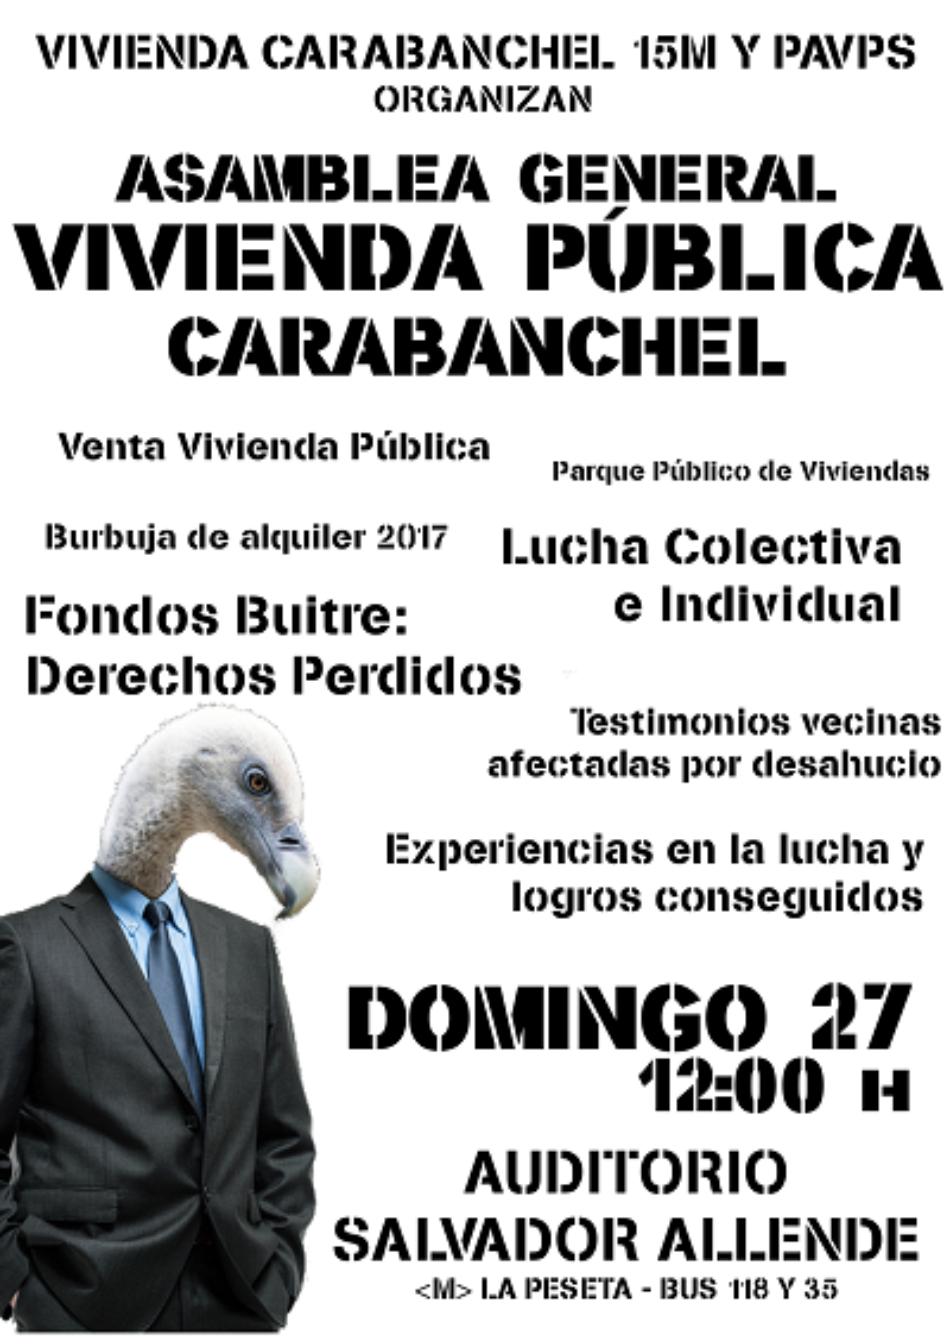 Asamblea General sobre la Vivienda Pública en Carabanchel